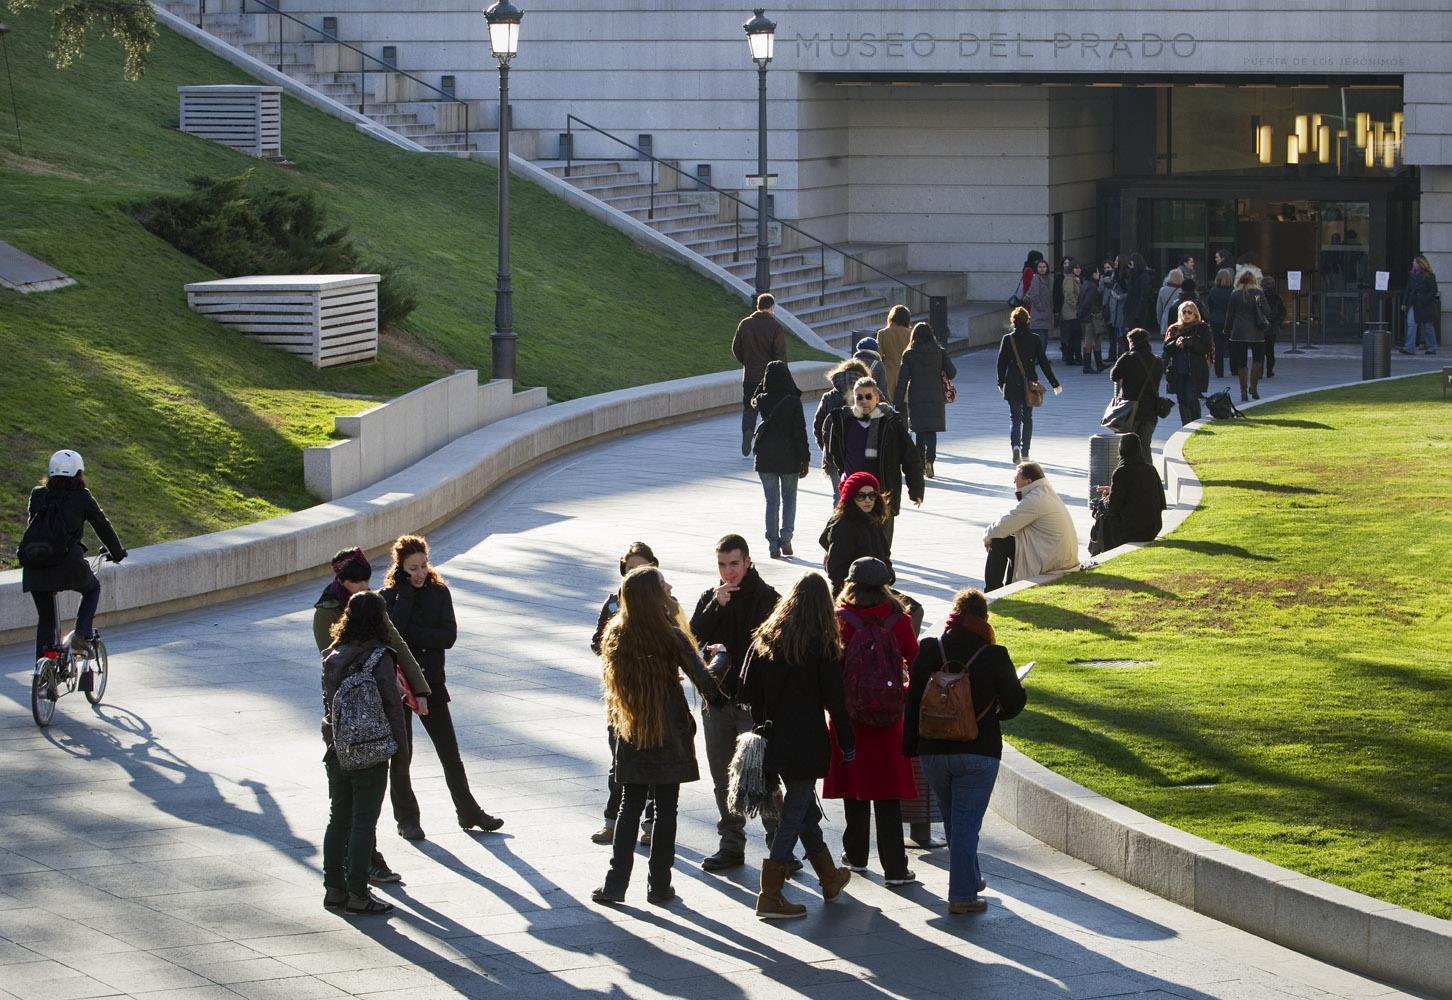 El Museo del Prado vuelve a superar los dos millones y medio de visitantes con un incremento del 7,65% respecto a 2013